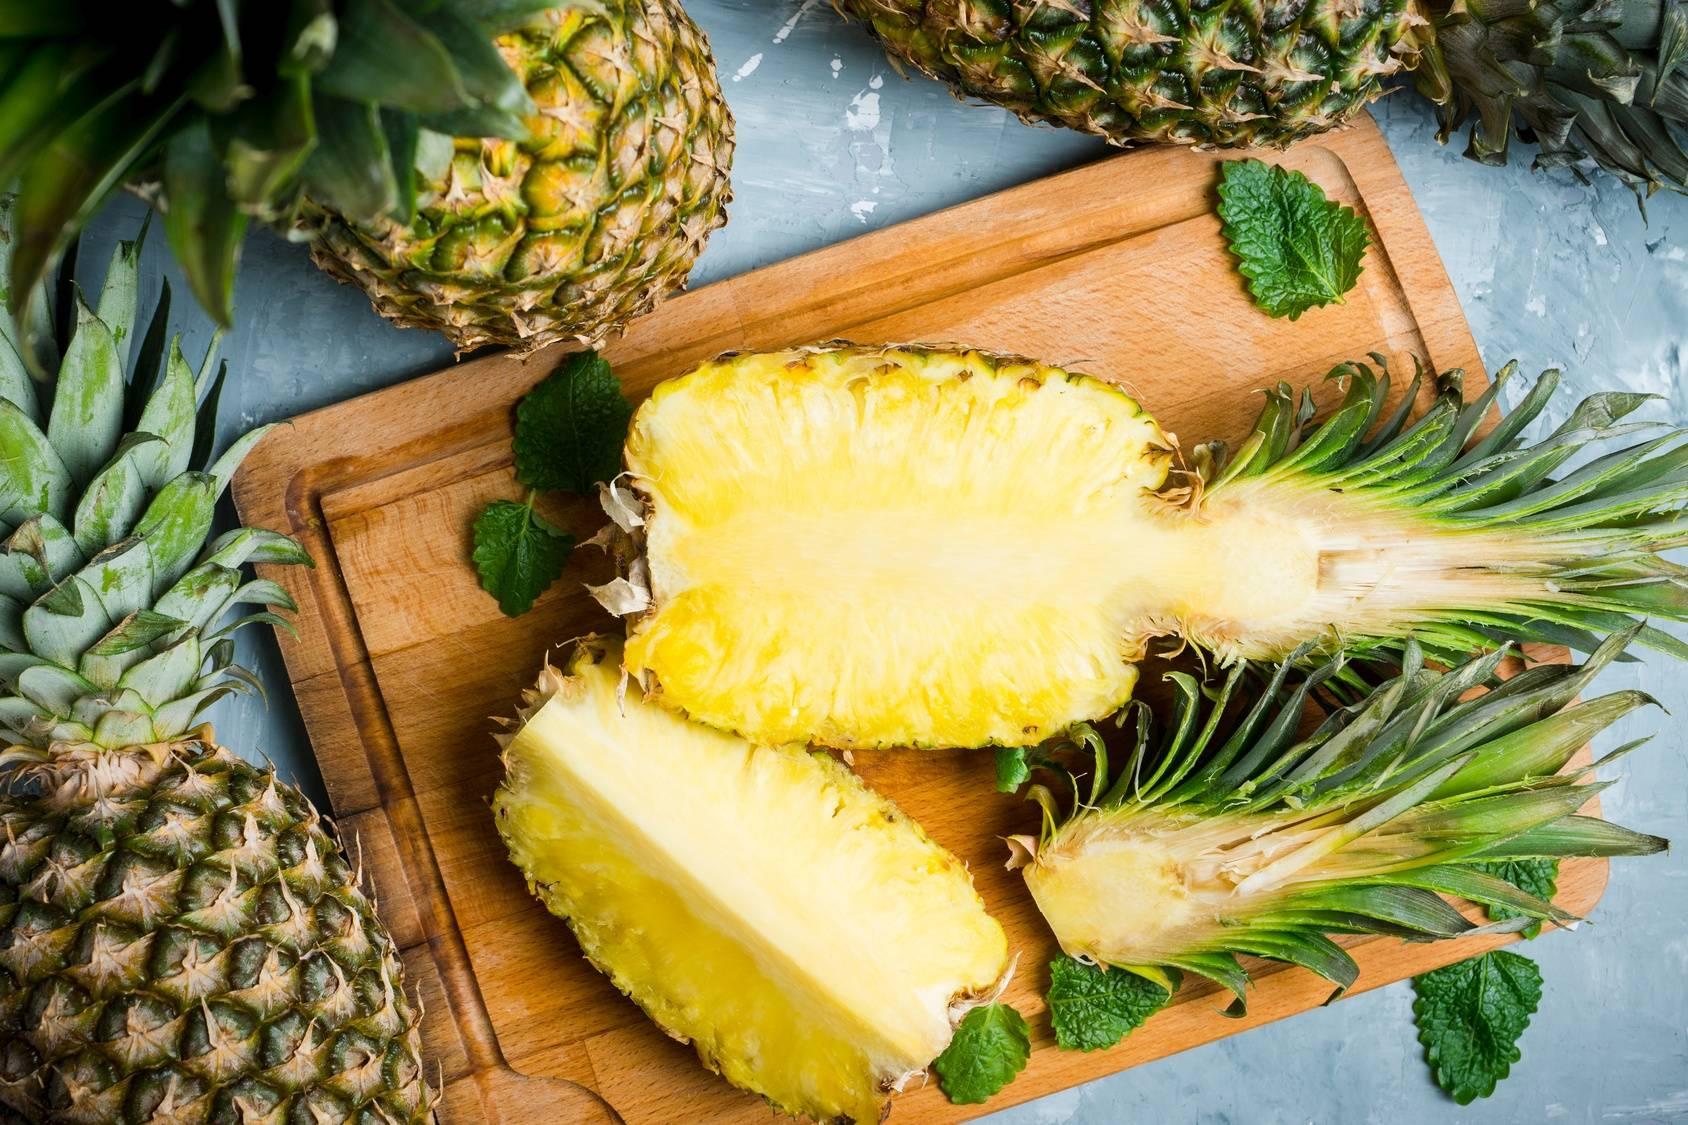 Ananas - właściwości i wartości odżywcze.